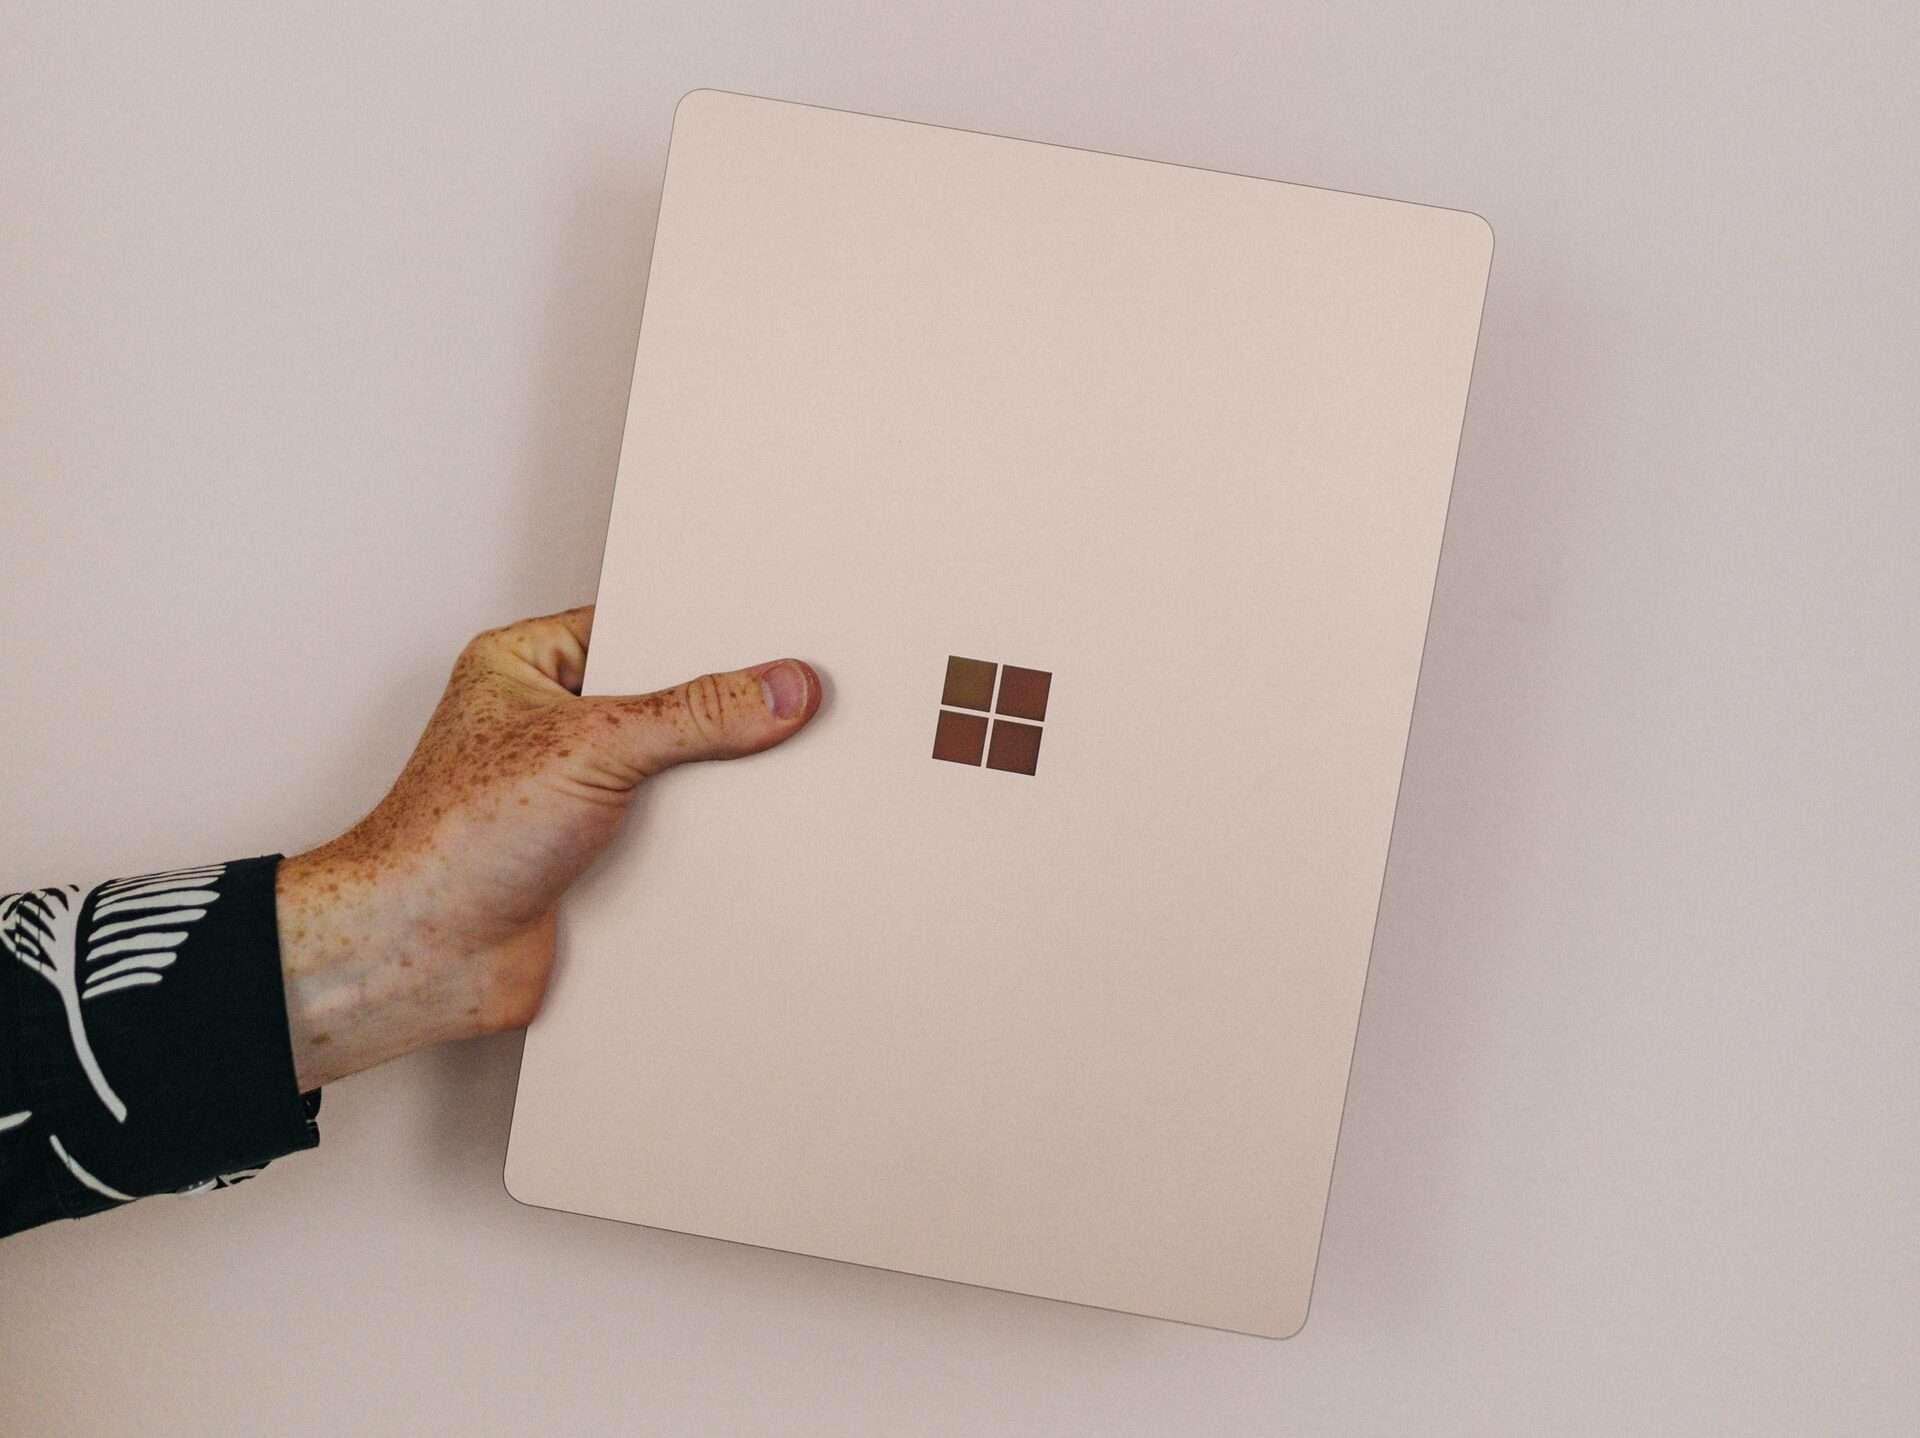 Surface Laptops 3 – Best Laptops 2021